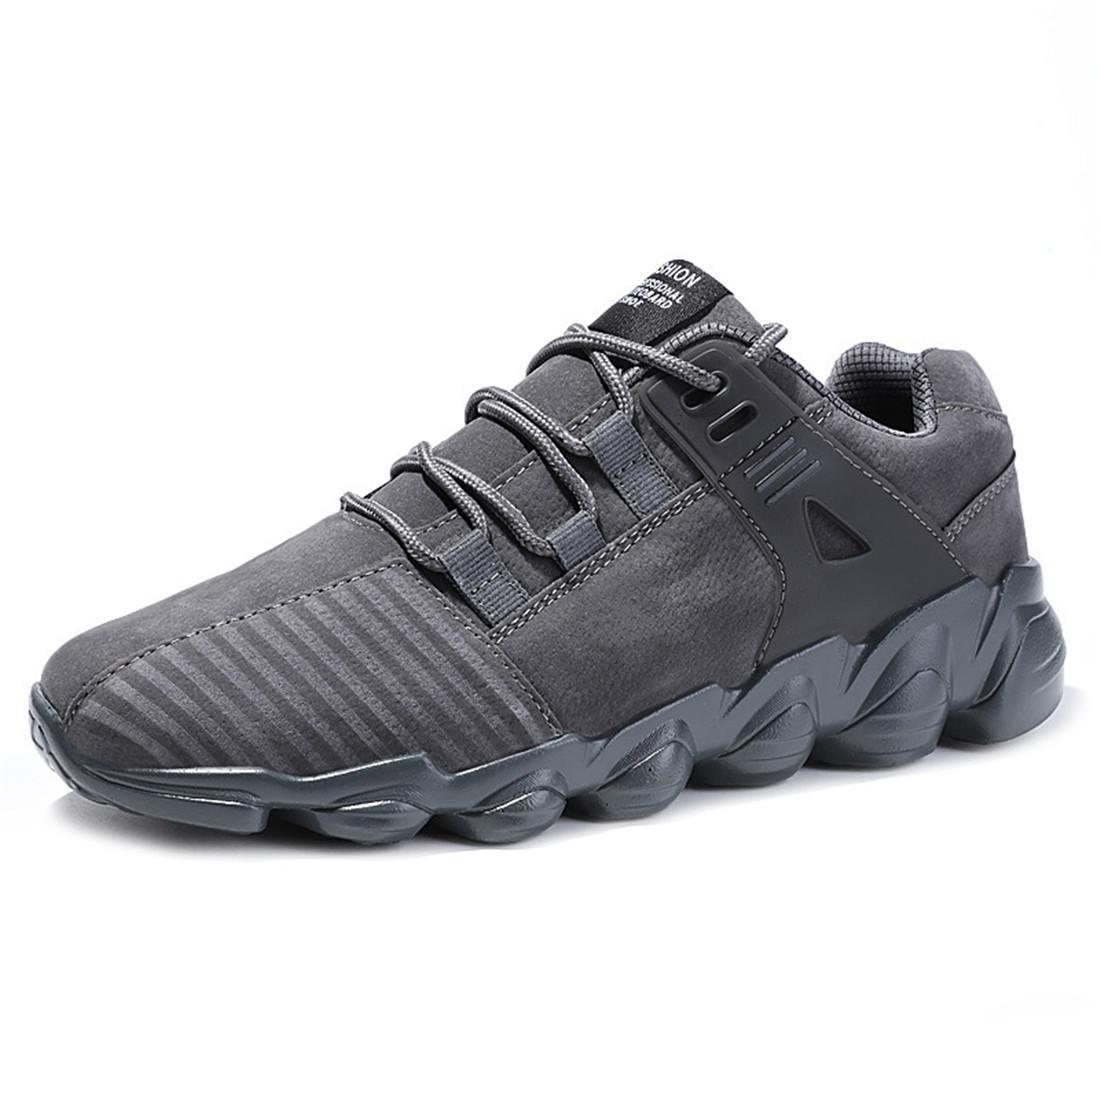 Herren Mode Draussen Sportschuhe Licht Lässige Schuhe Flache Schuhe Trainer Freizeit Große Größe Schutz Fuß GRÖSSE 39-46